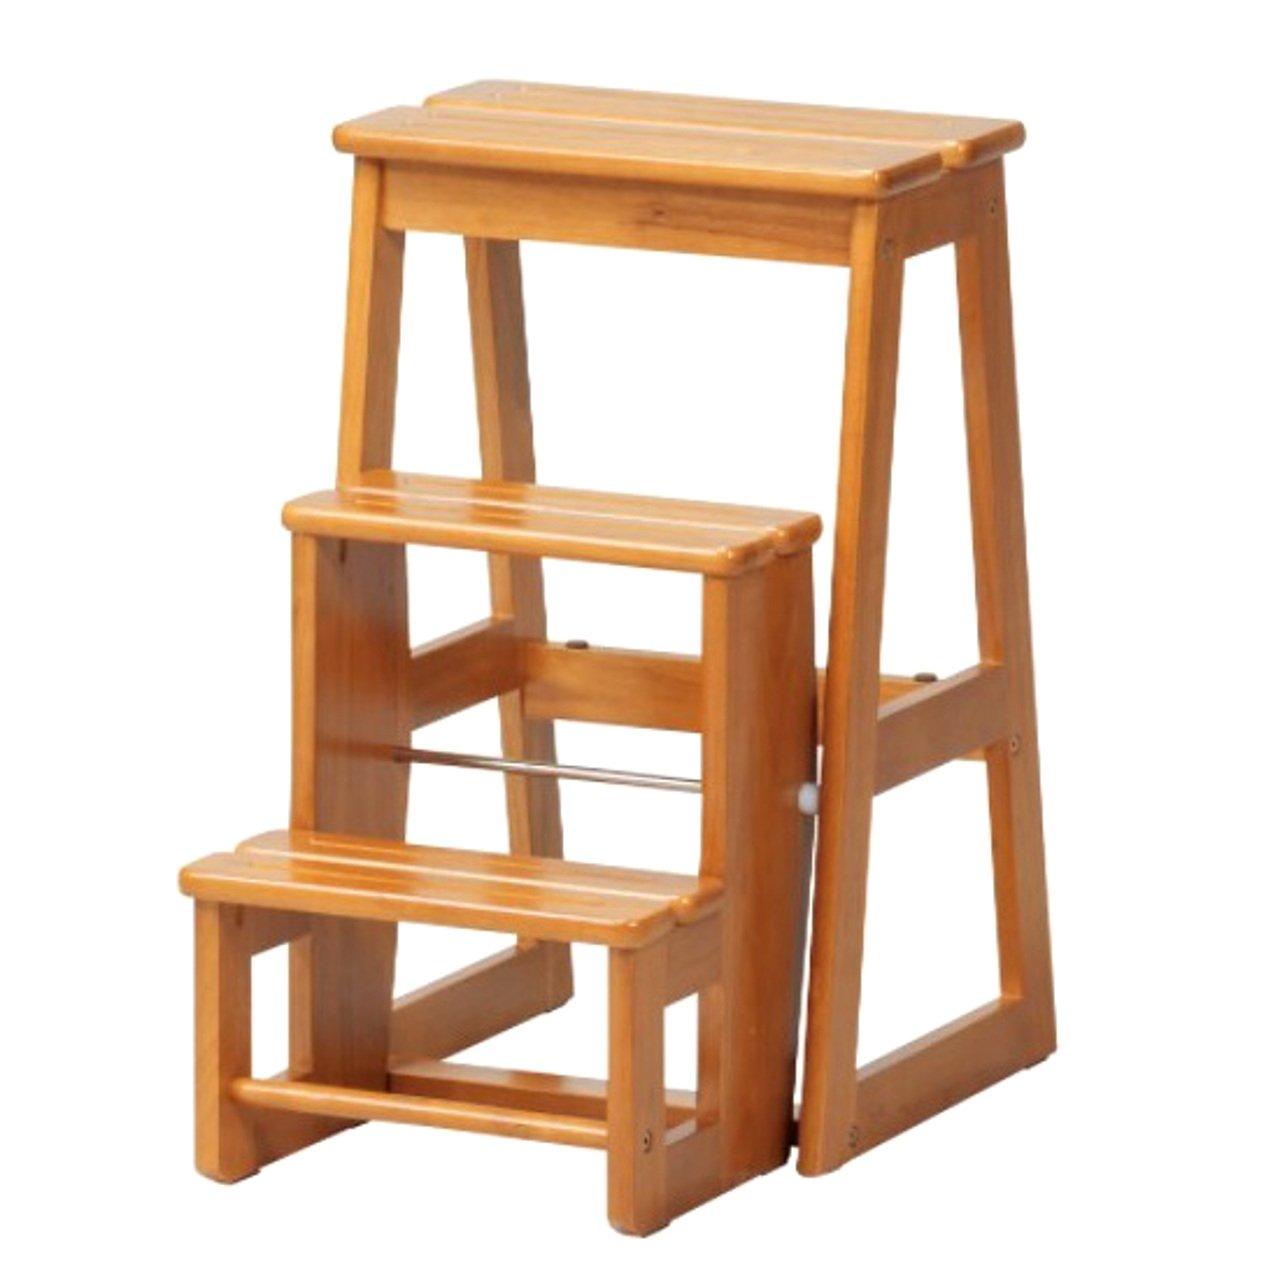 踏み台 折りたたみ 木製 ステップ台 チェア すべり止め 子供 3段 B07C1Q3TF6  3段